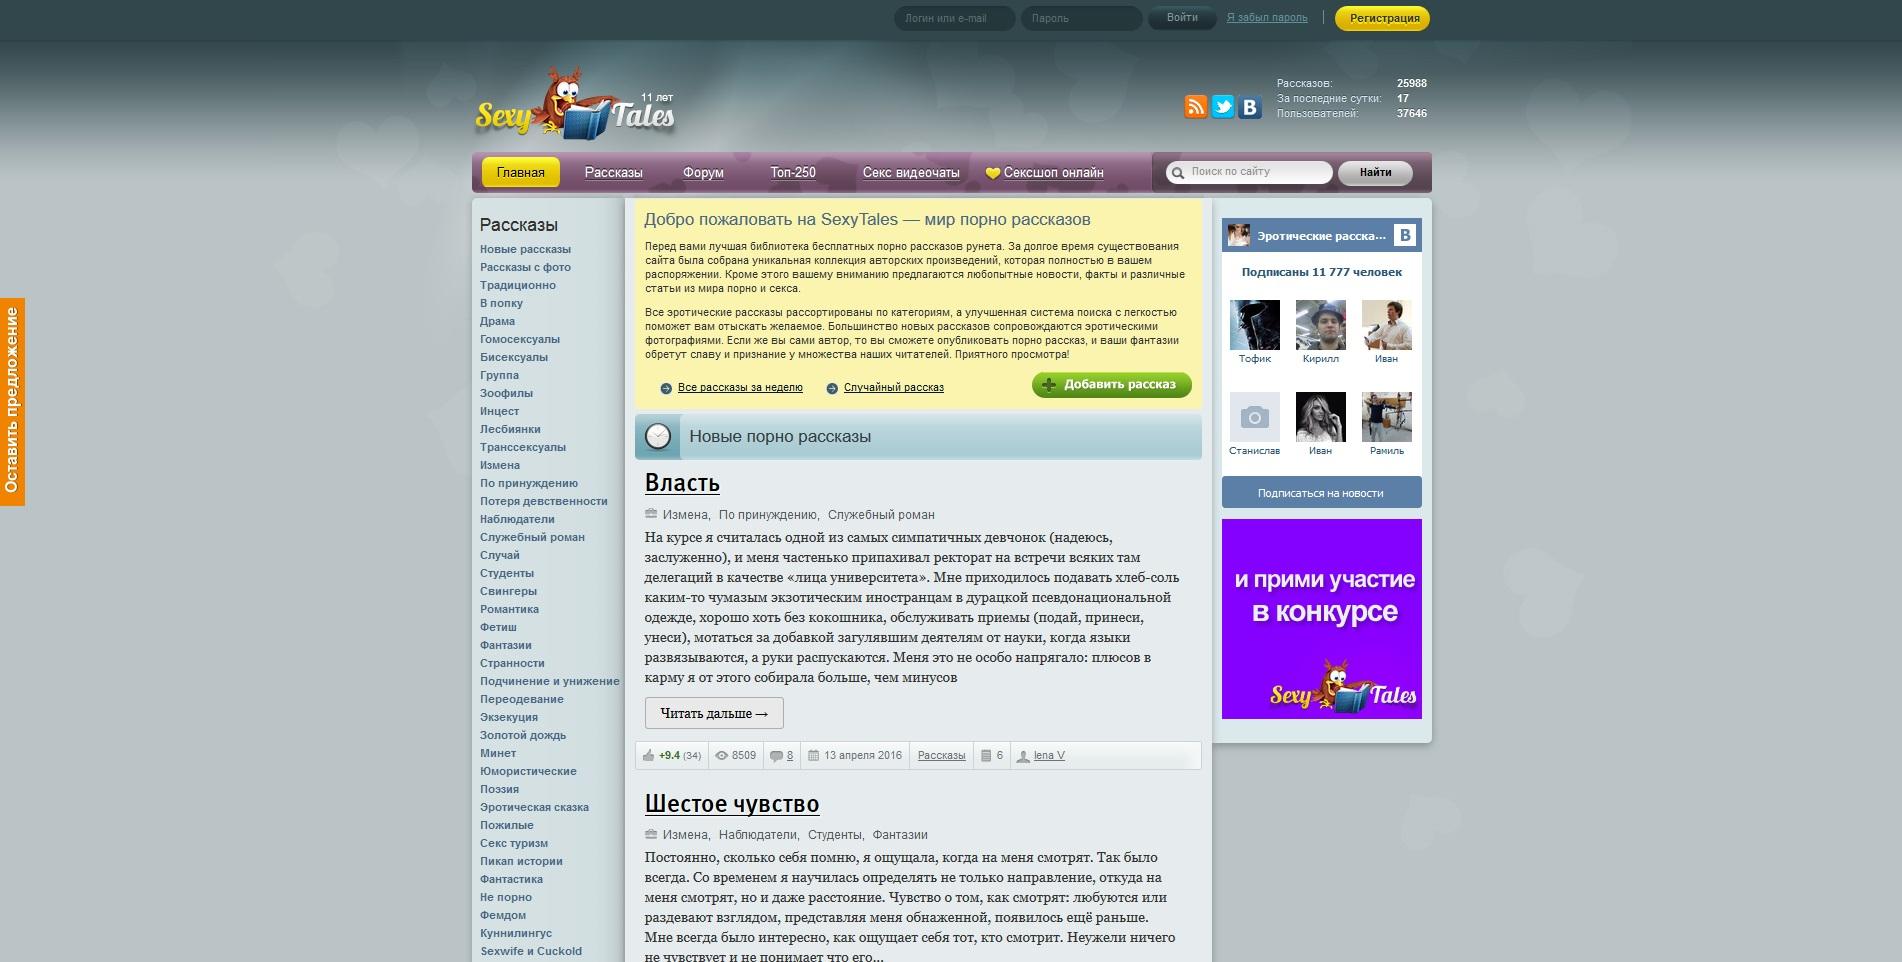 Сайт порнк орг 25 фотография